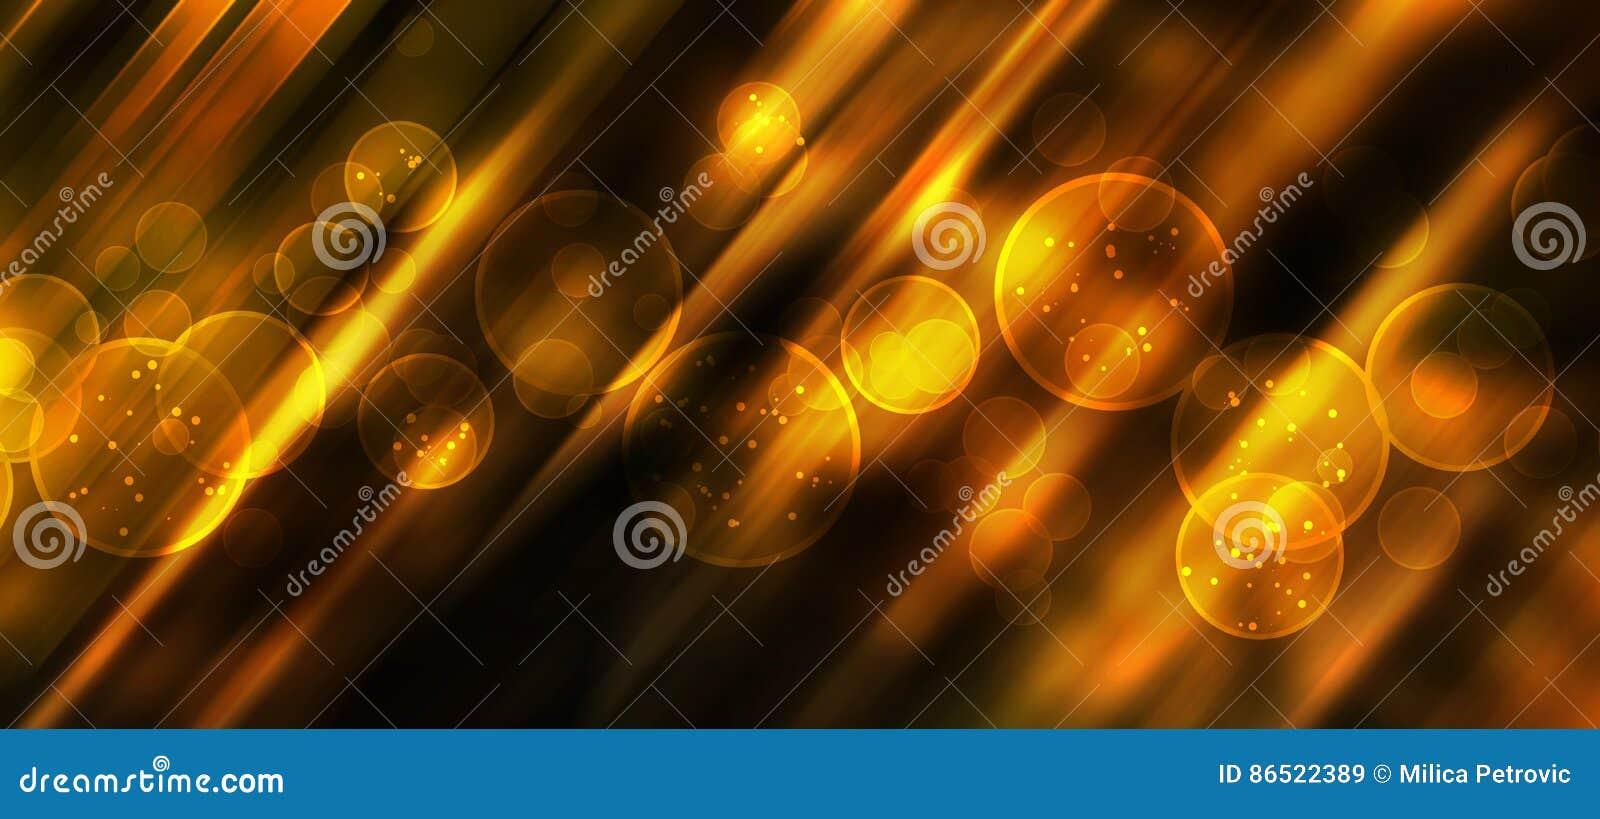 Fundo Festivo Com Bokeh Natural E Luzes Douradas Brilhantes Imagem